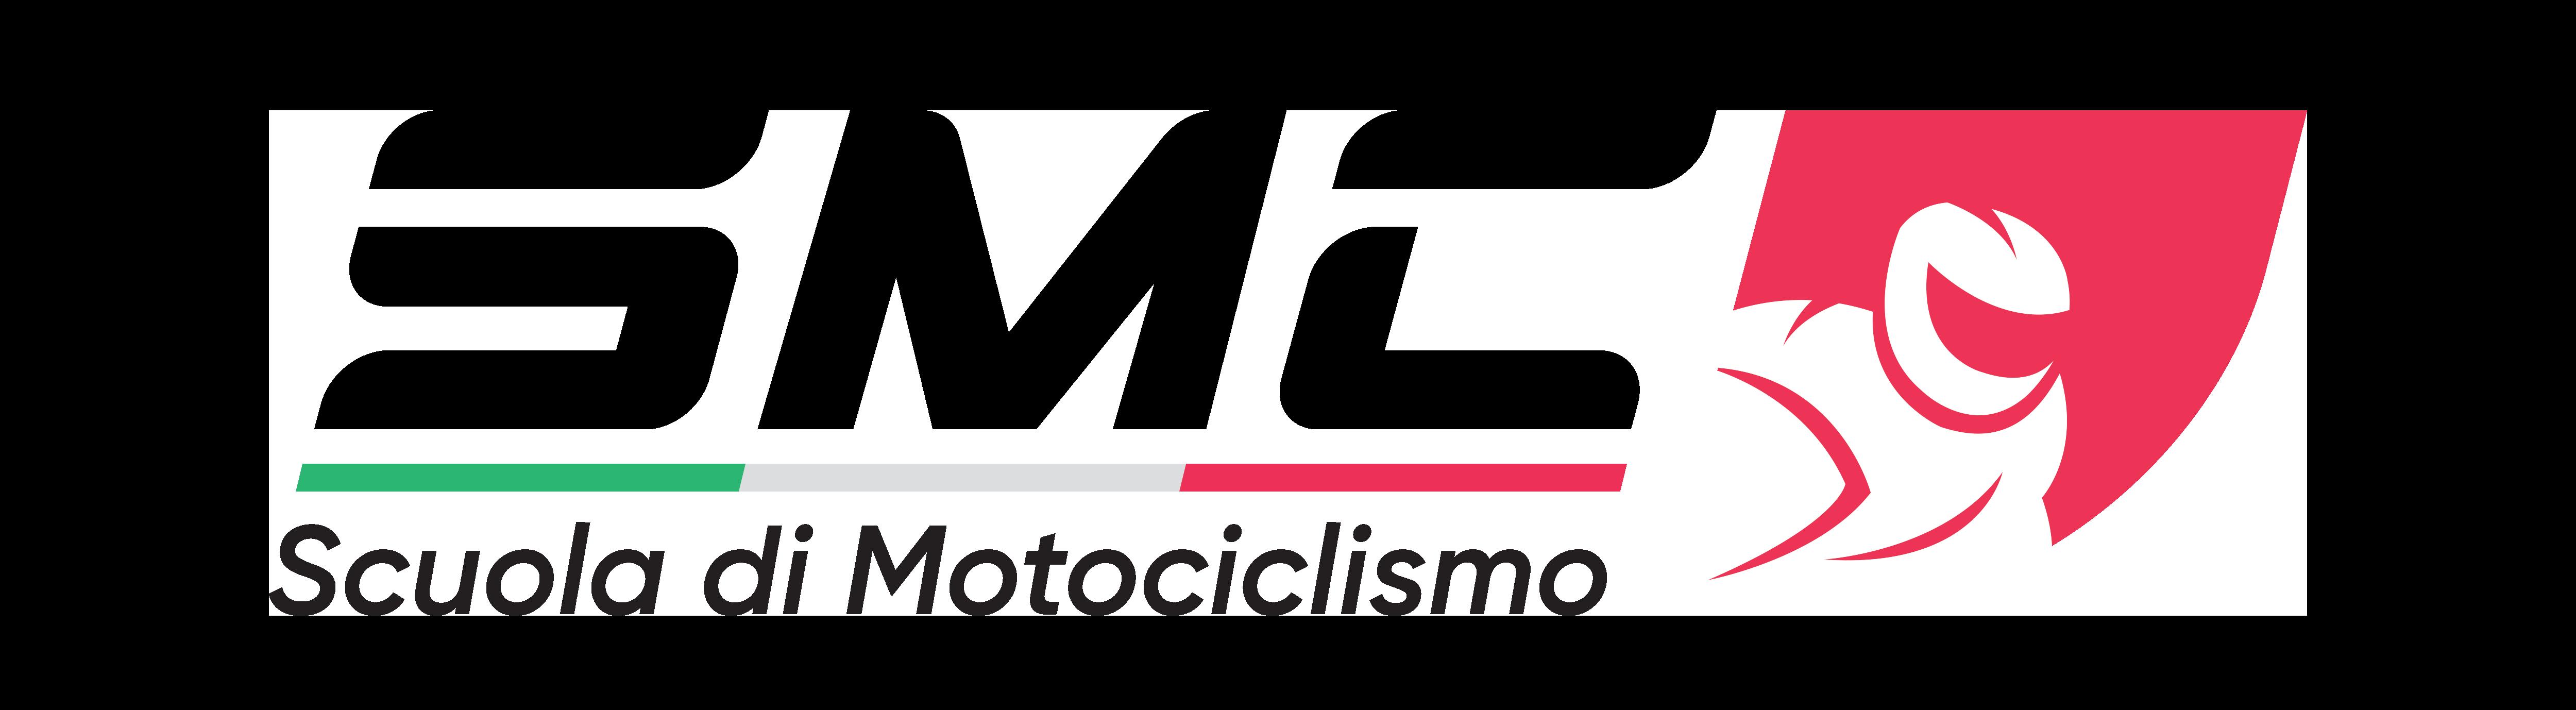 Scuola di Motociclismo